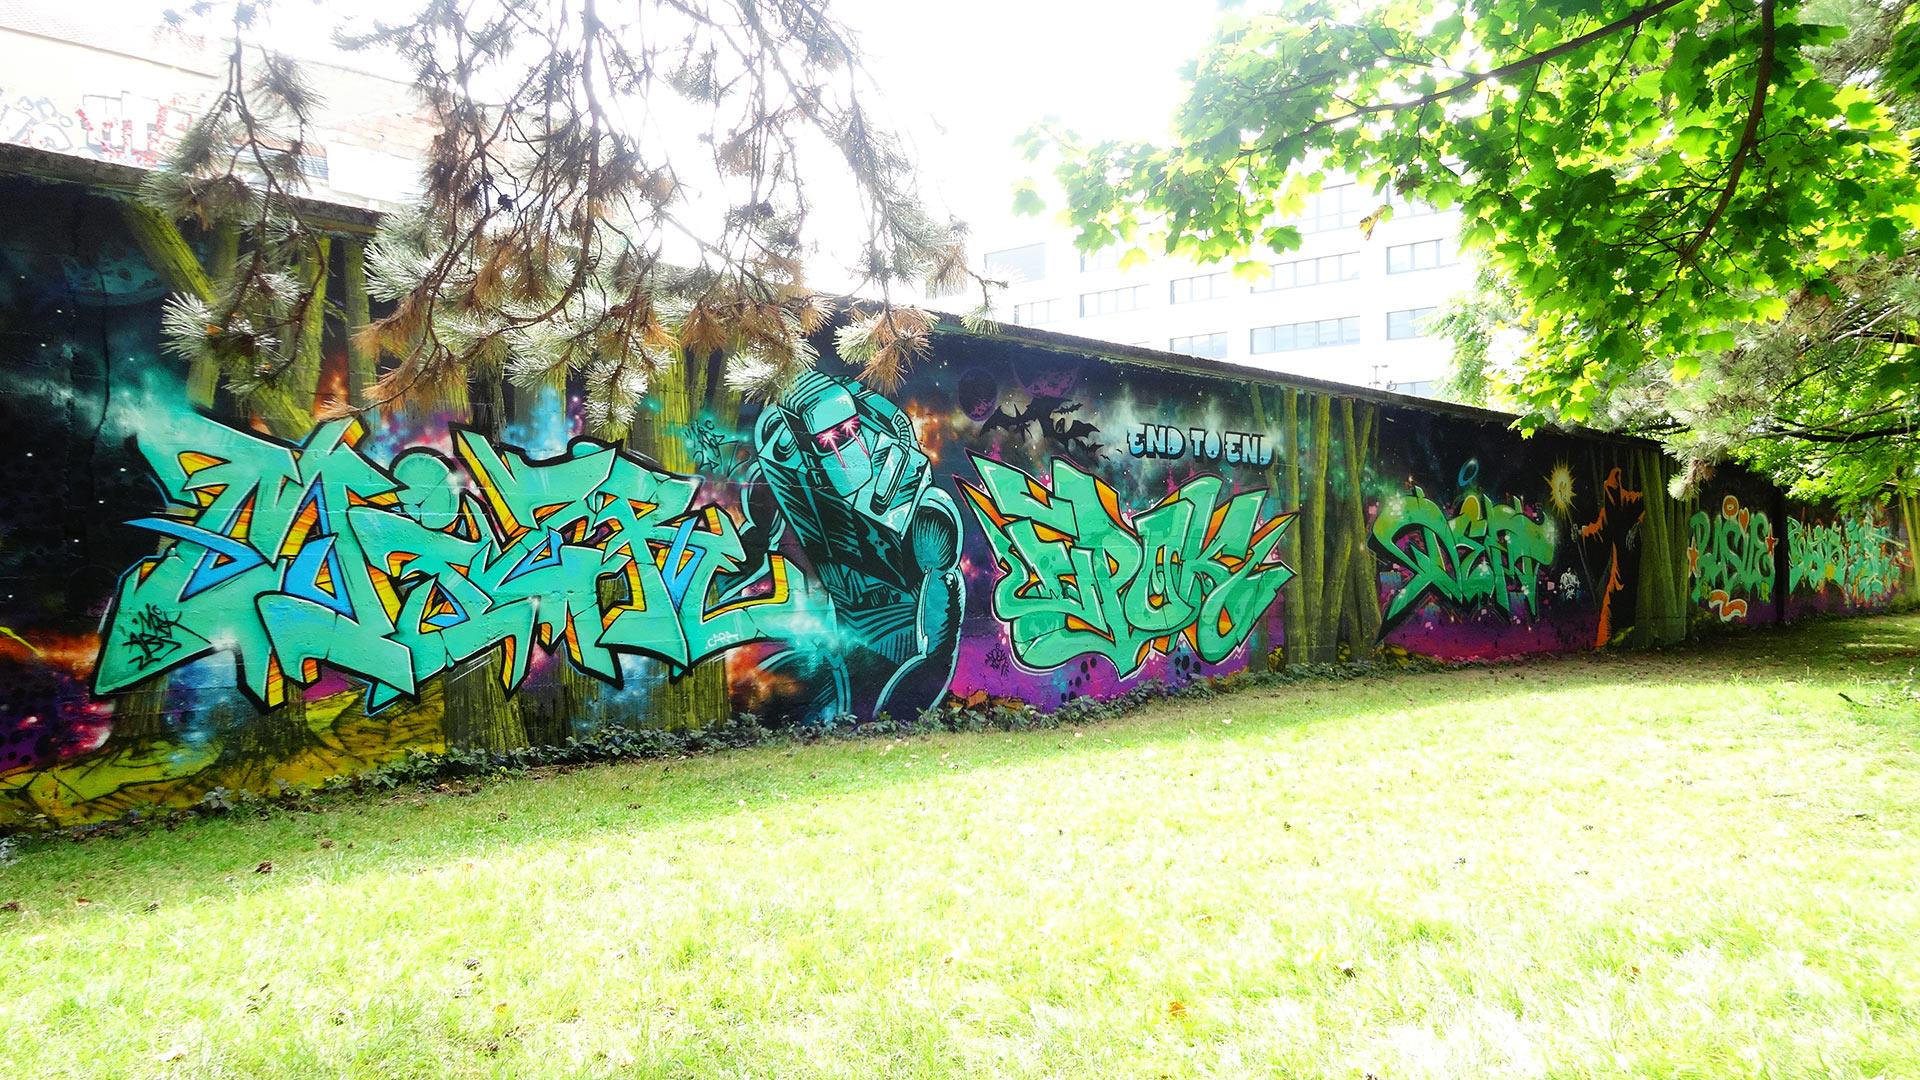 Fresque Graffiti réalisée à Chambery